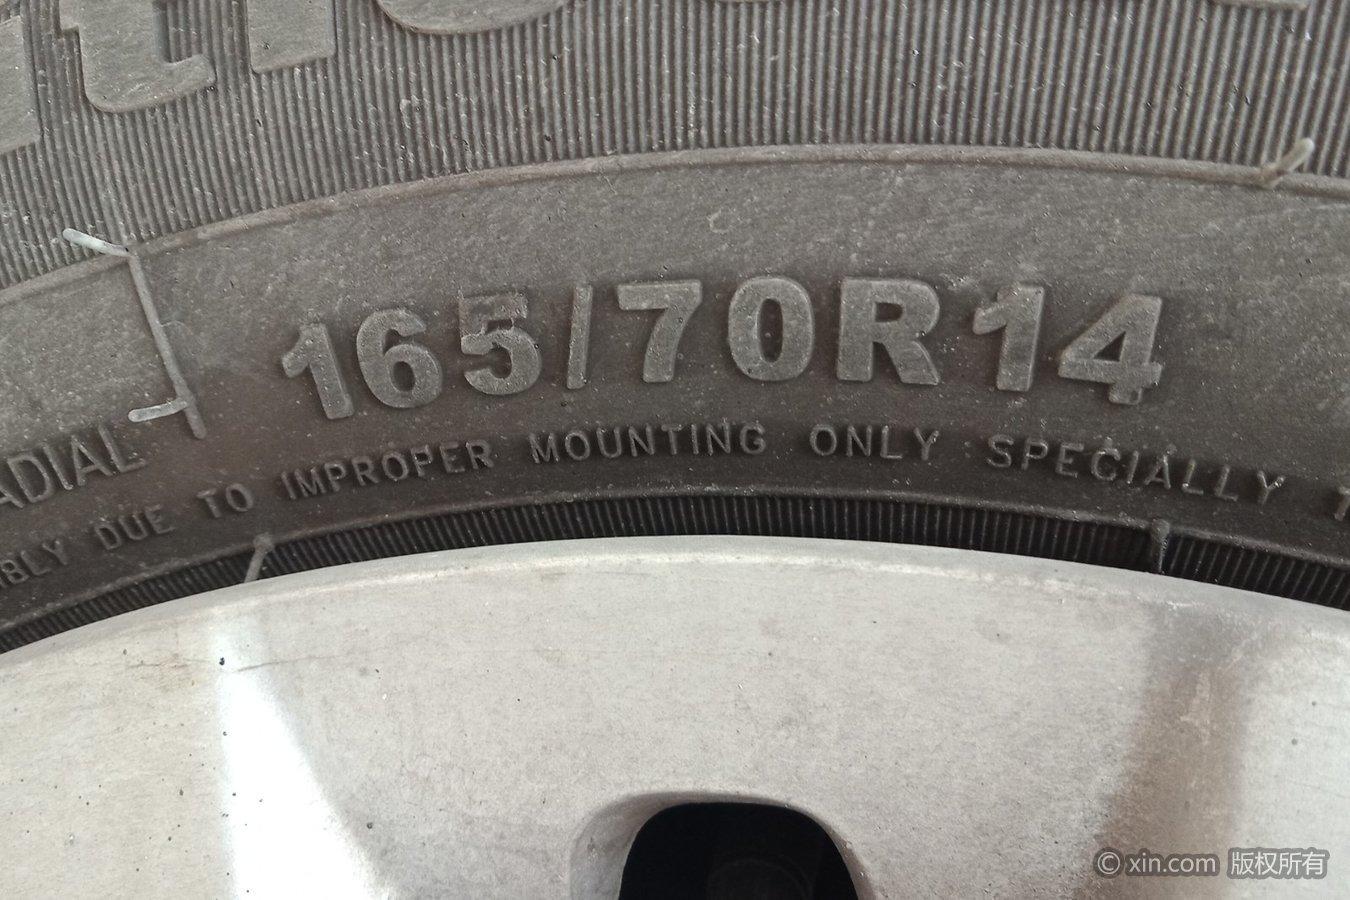 铃木雨燕左前尺寸轮胎五步蛇透骨贴在赣县有v雨燕吗图片